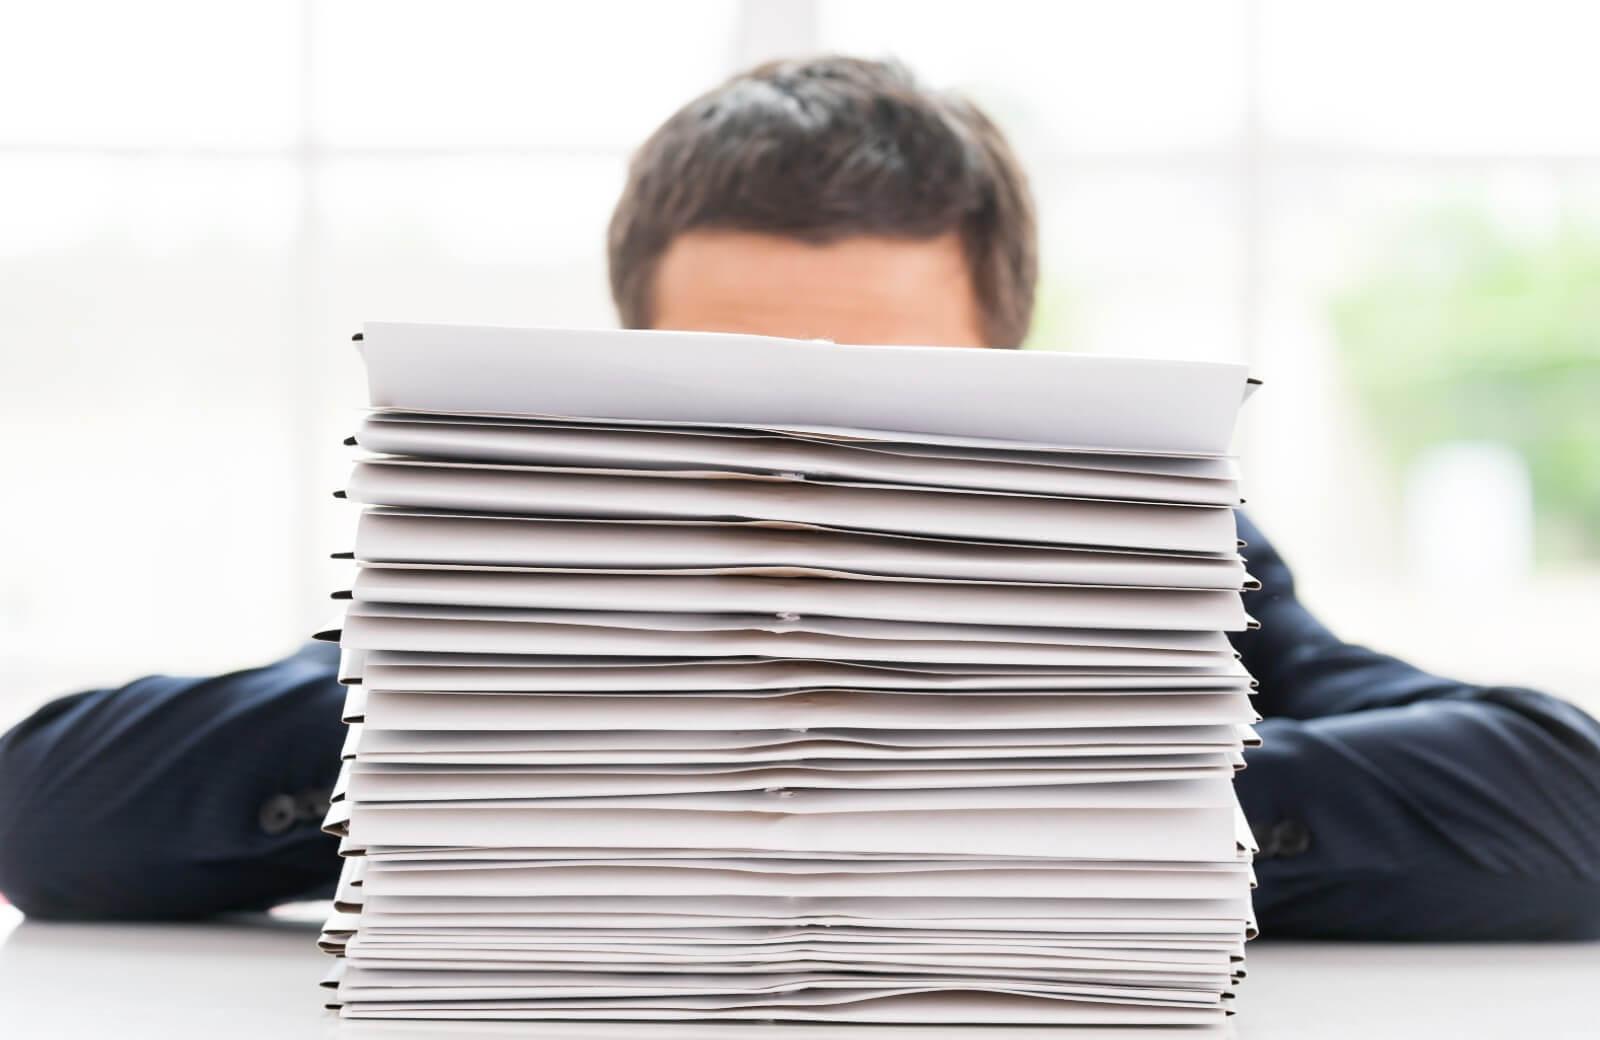 Personeelshandboek: must of moetje